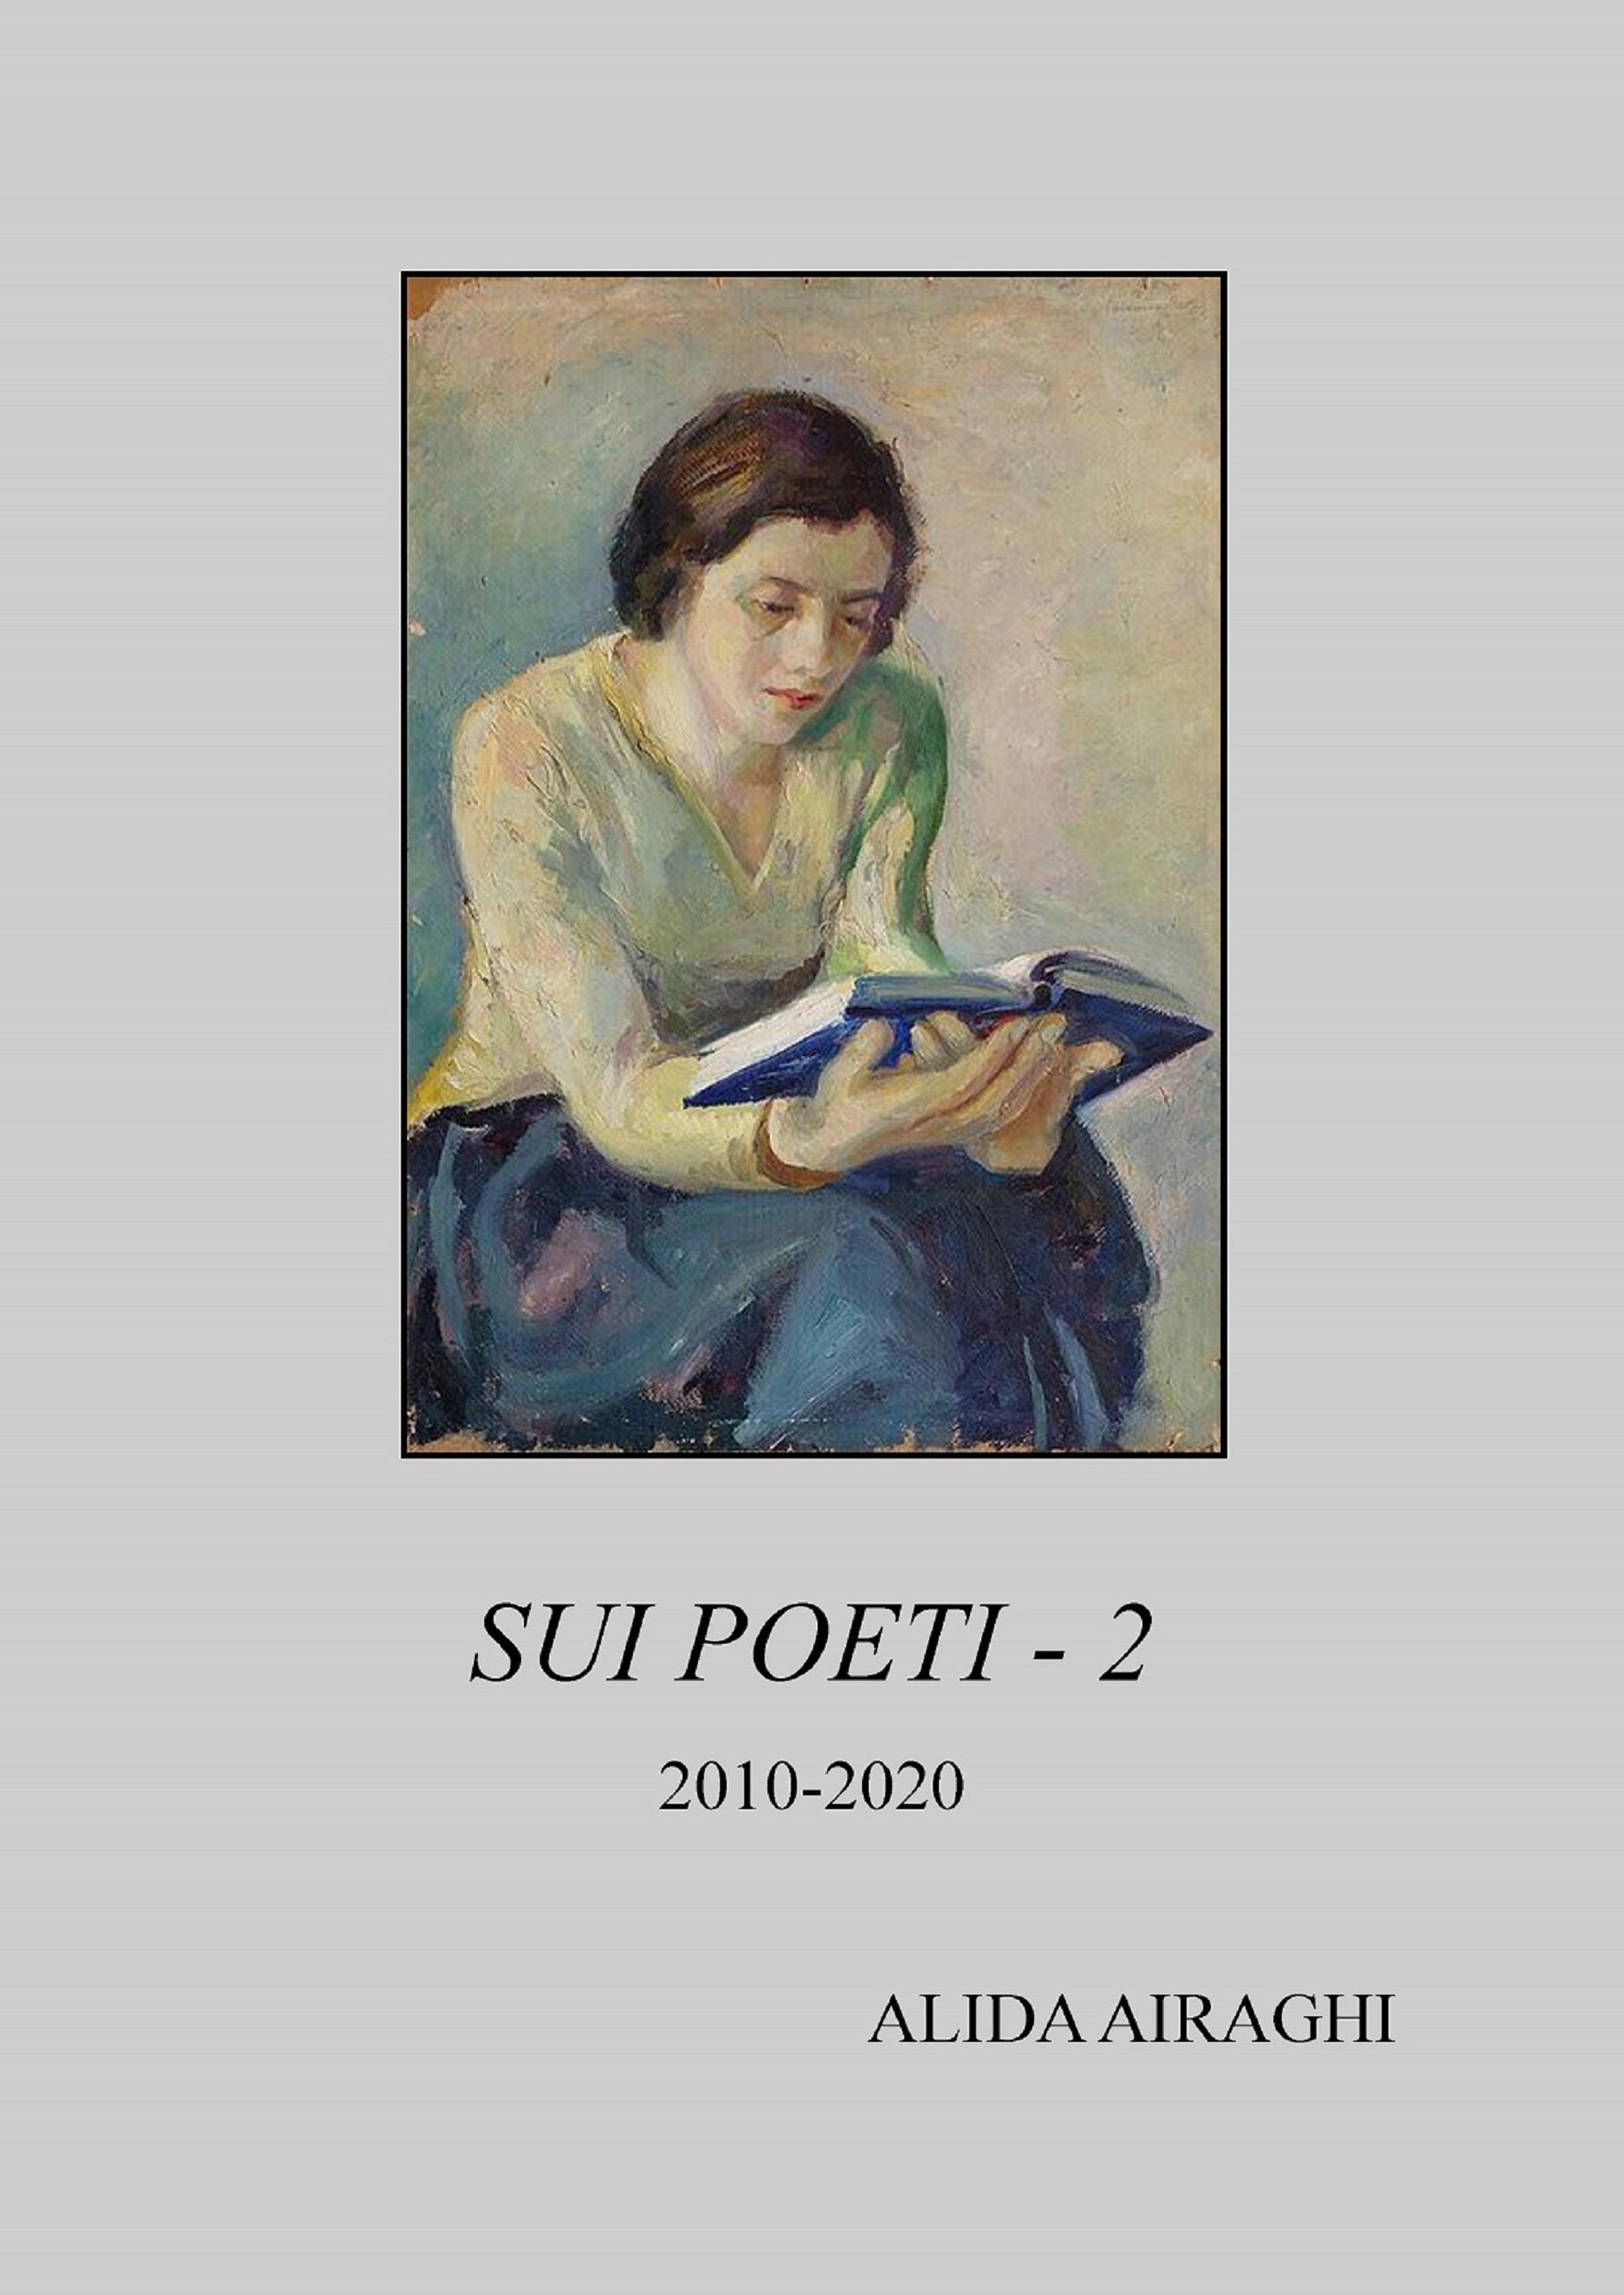 Sui poeti 2